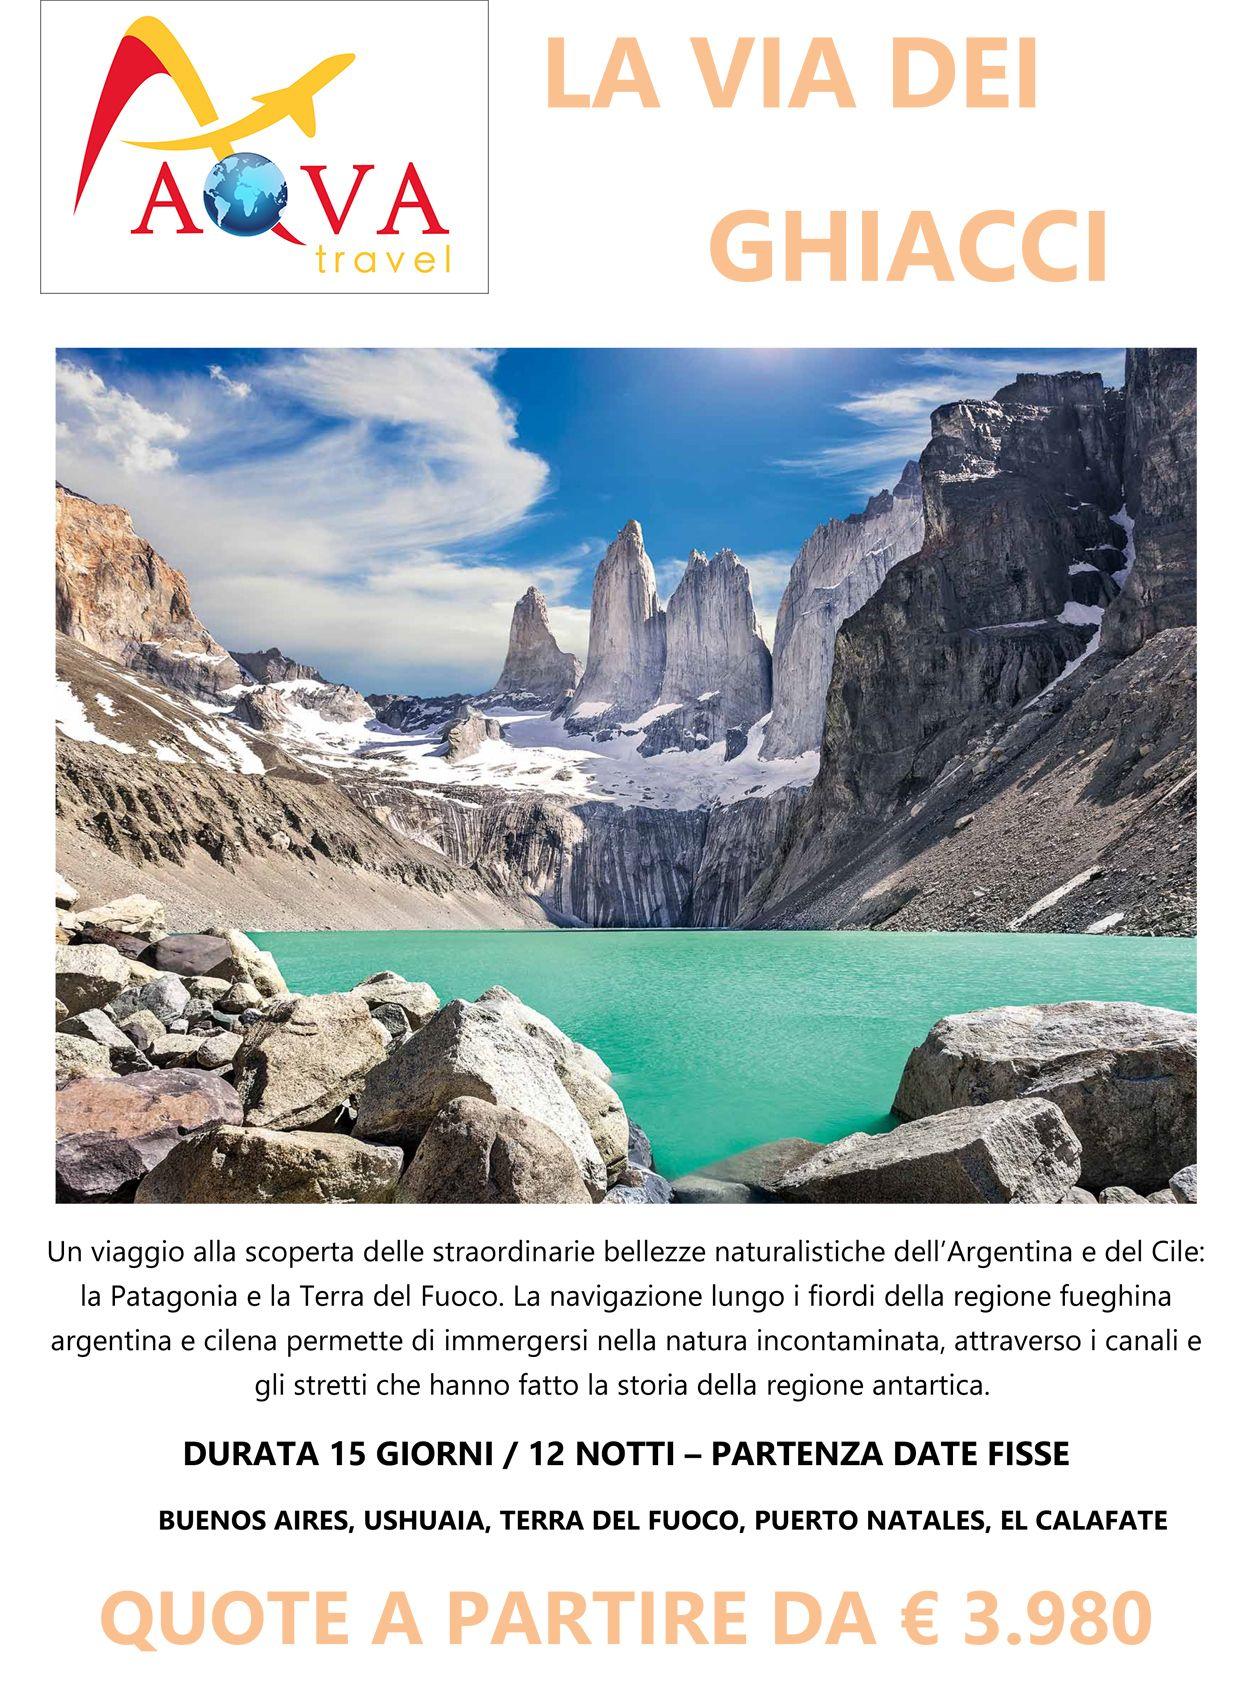 Tour BUENOS AIRES, USHUAIA, TERRA DEL FUOCO, PUERTO NATALES, EL CALAFATE